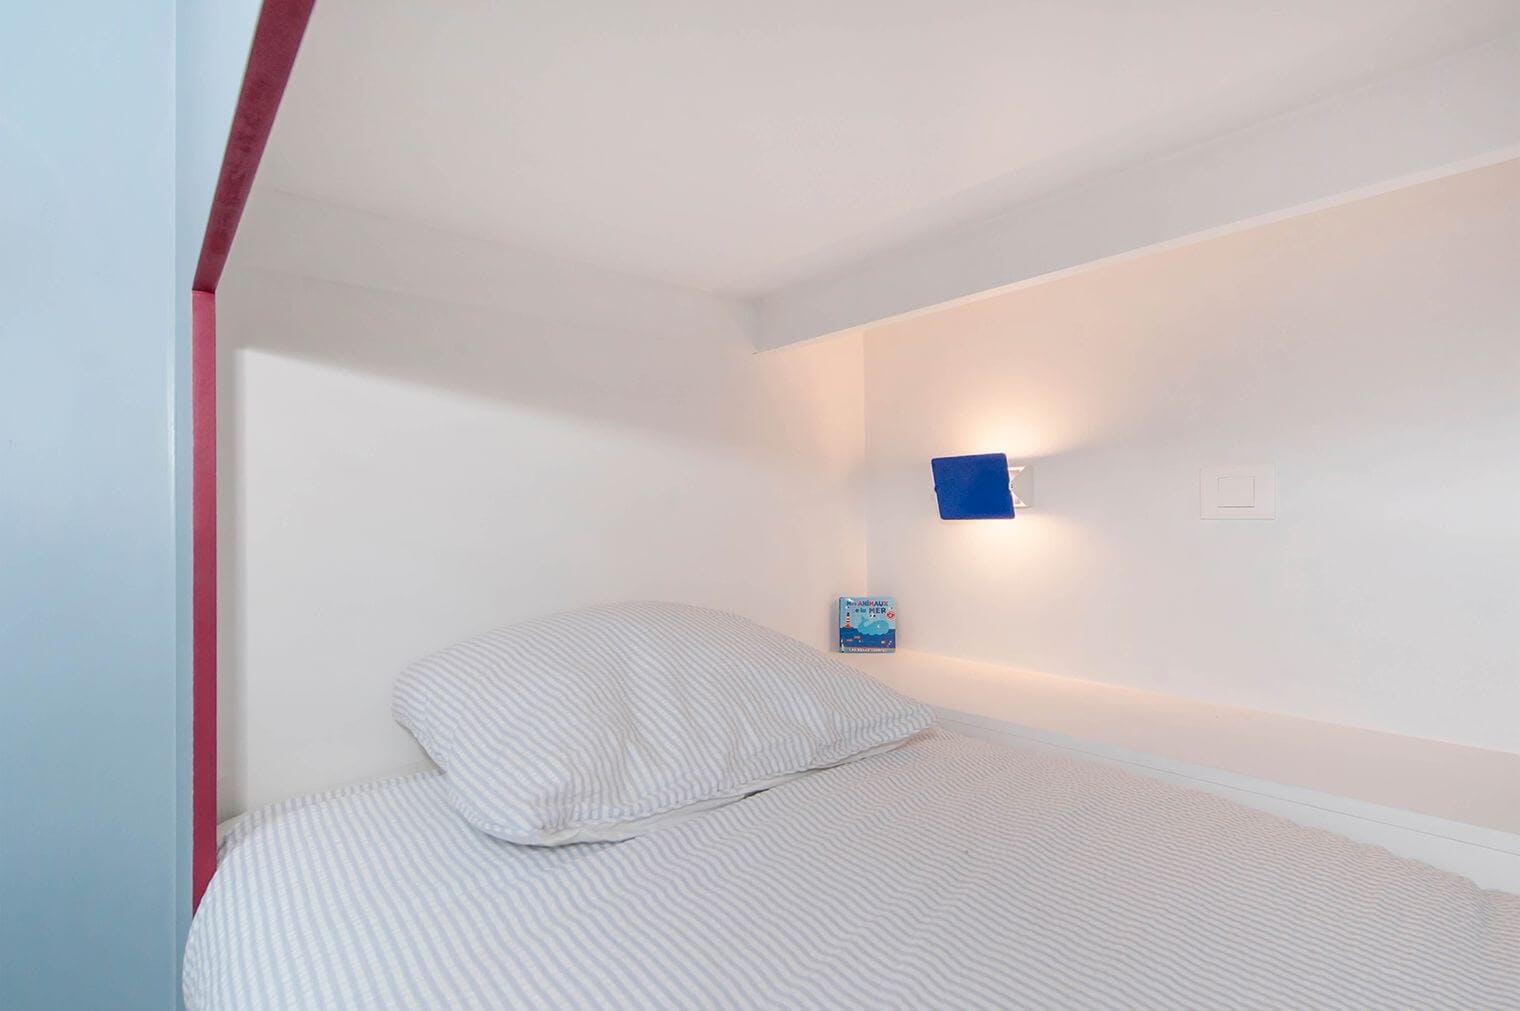 Création lit d'enfant encastré dans un mur